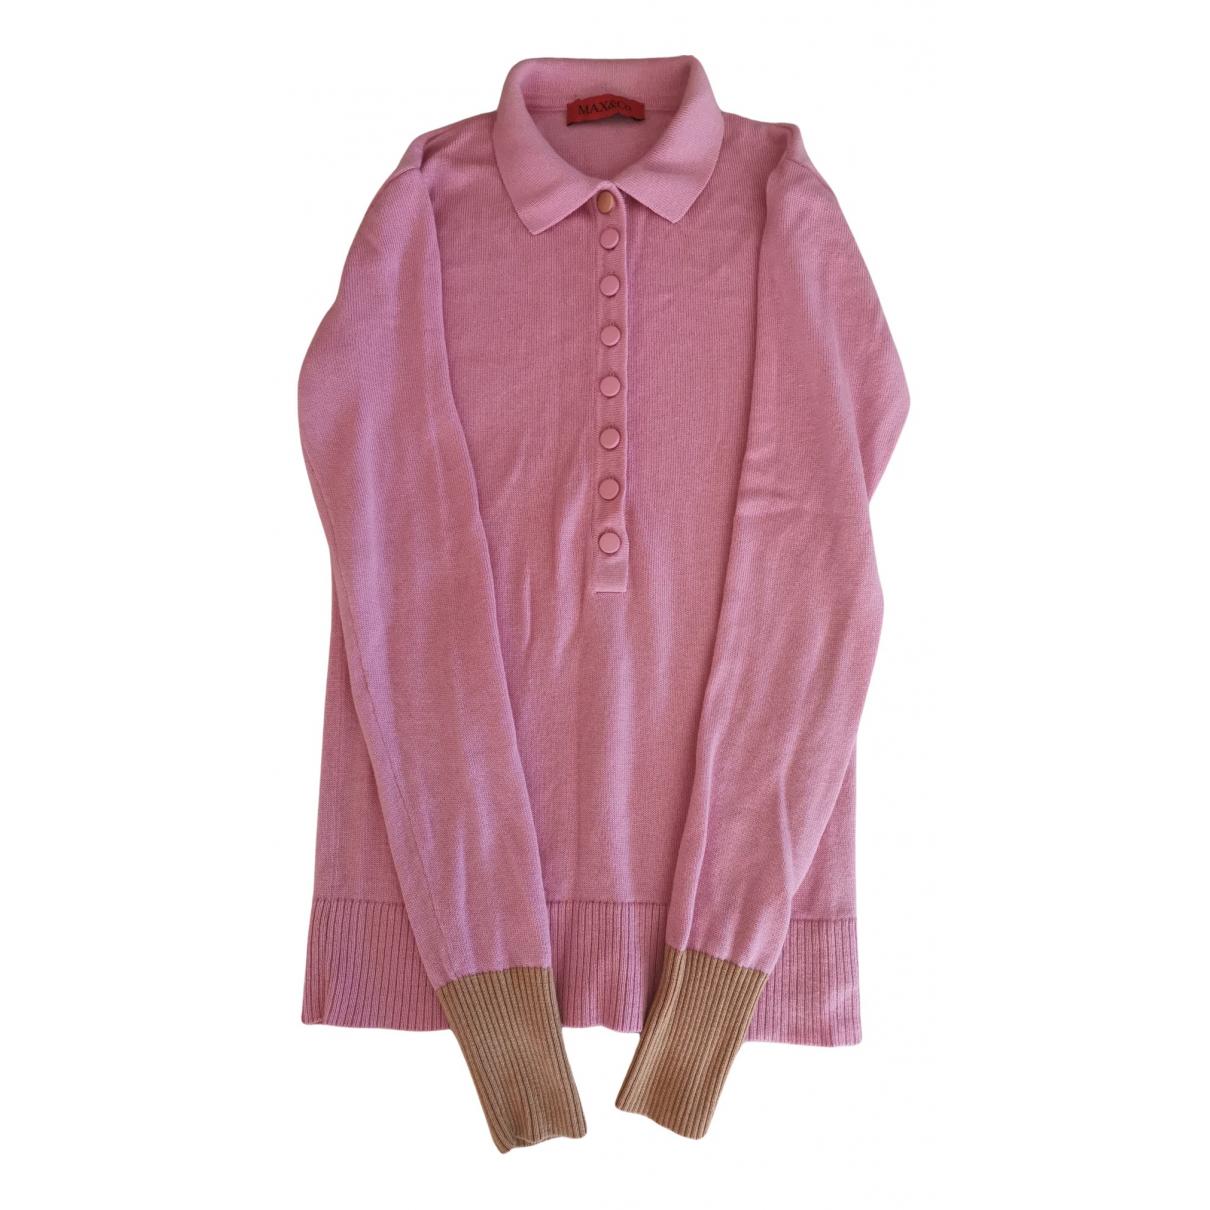 Max & Co N Pink Knitwear for Women S International